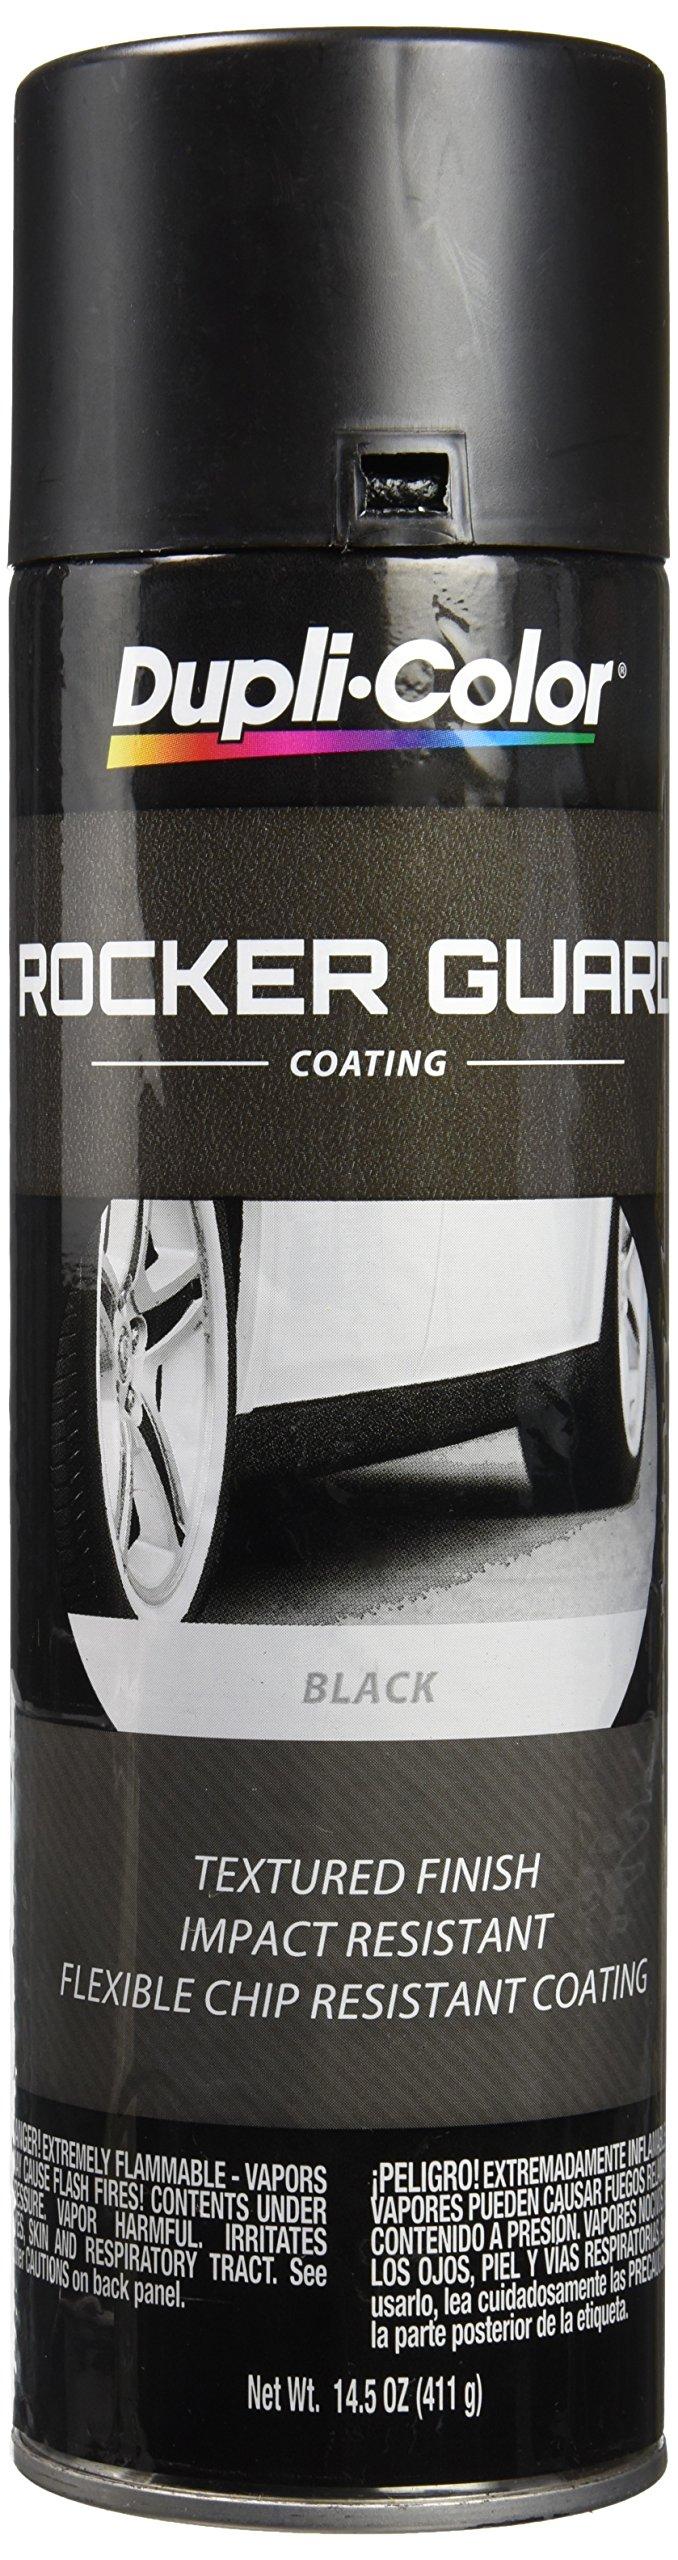 Dupli-Color ERGA10100 Black Rocker Guard Coating by Dupli-Color